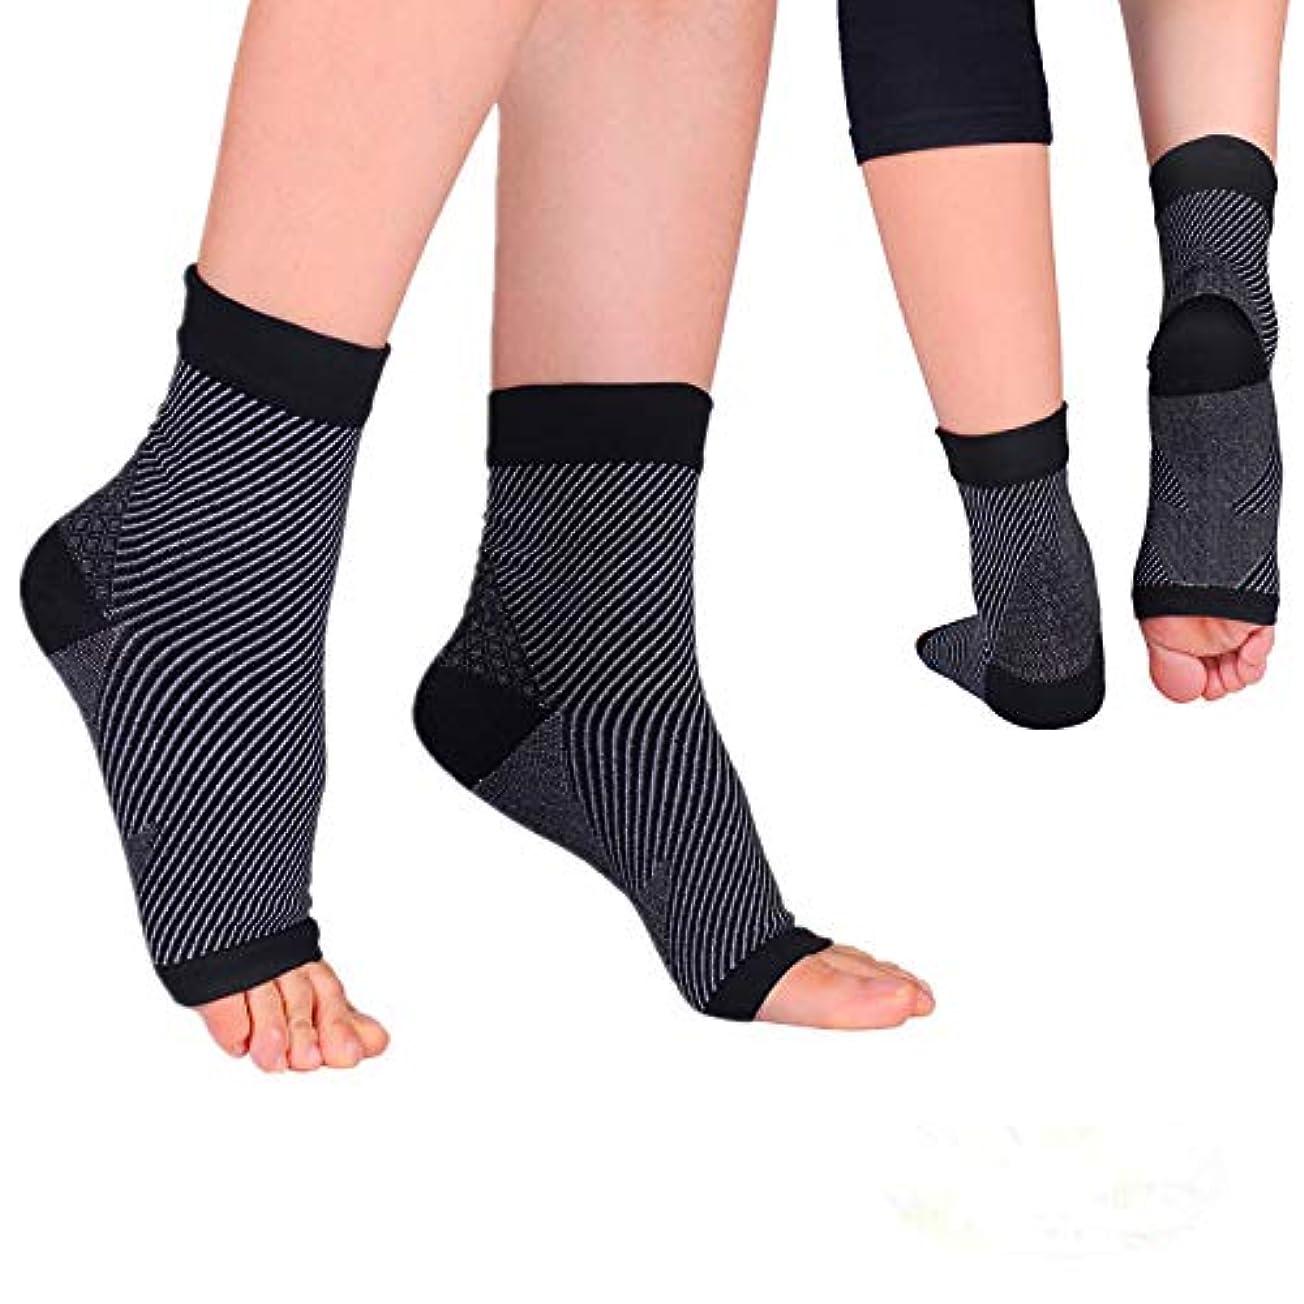 戻すマカダムテスピアン通気性足首ソックス 足 サポーター 足首固定足の腫れを軽減する-2枚組